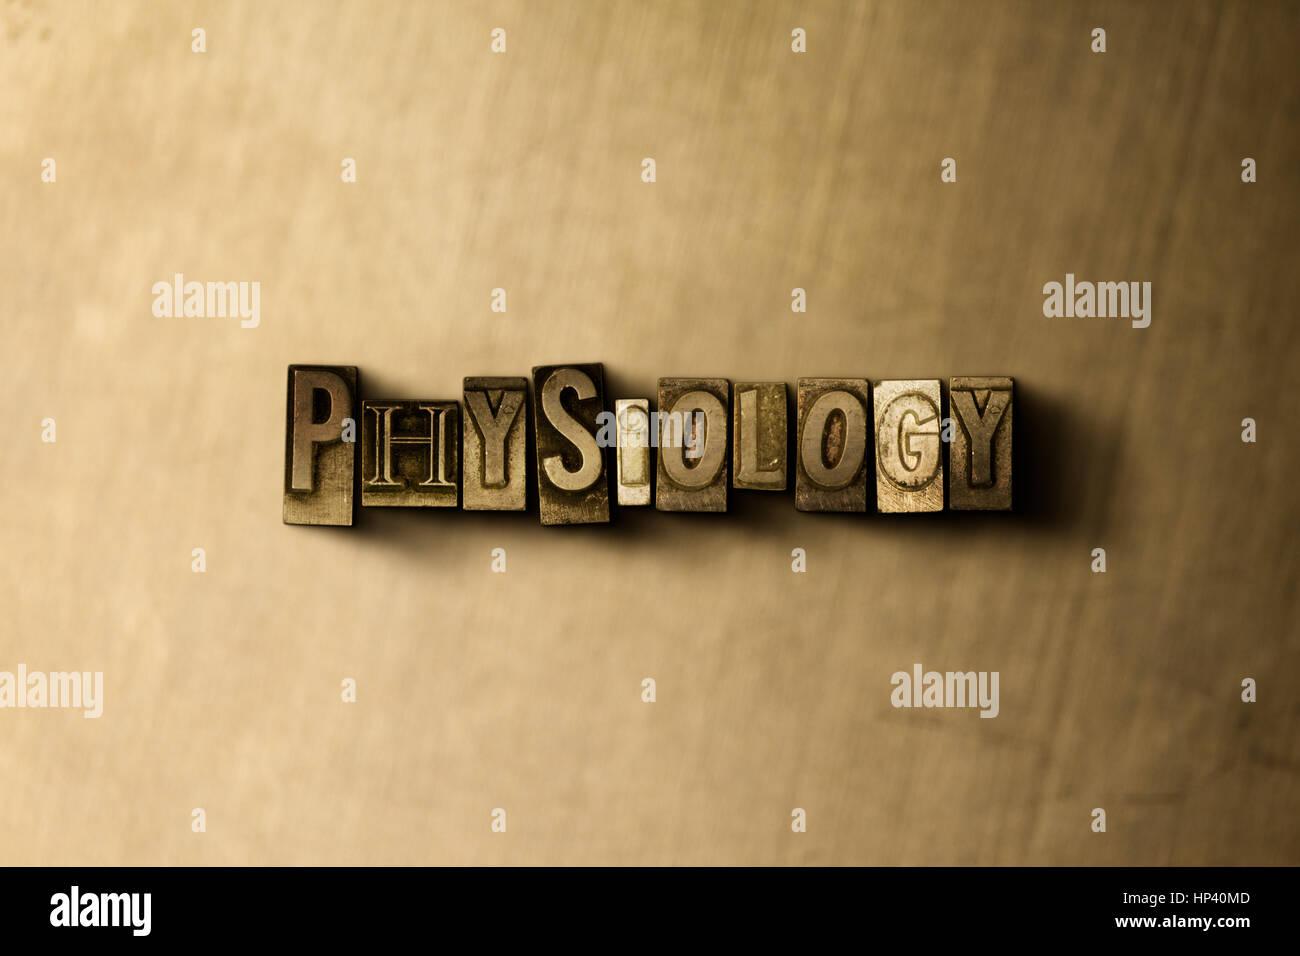 Fisiología - close-up de sucio vintage tipografía palabra sobre metal como telón de fondo. Royalty Imagen De Stock